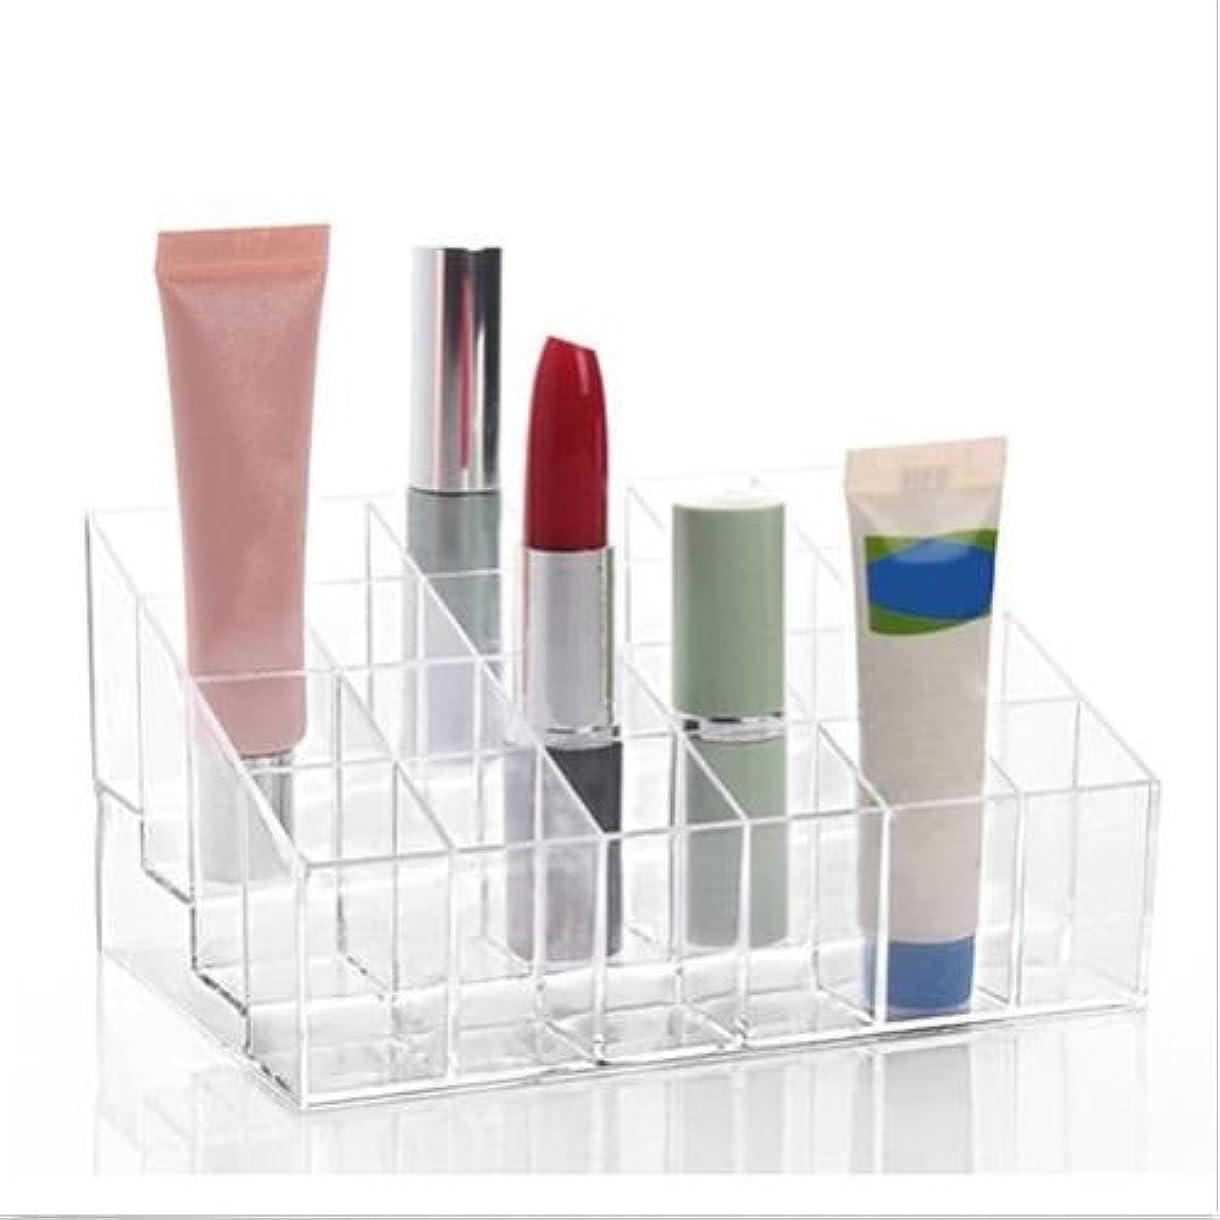 驚かす干ばつスパイBEE&BLUE 洗面所 化粧品 メイク 小物 収納 ボックス 収納スタンド コスメ 化粧品 口紅 香水 24 アクリルボックス 透明